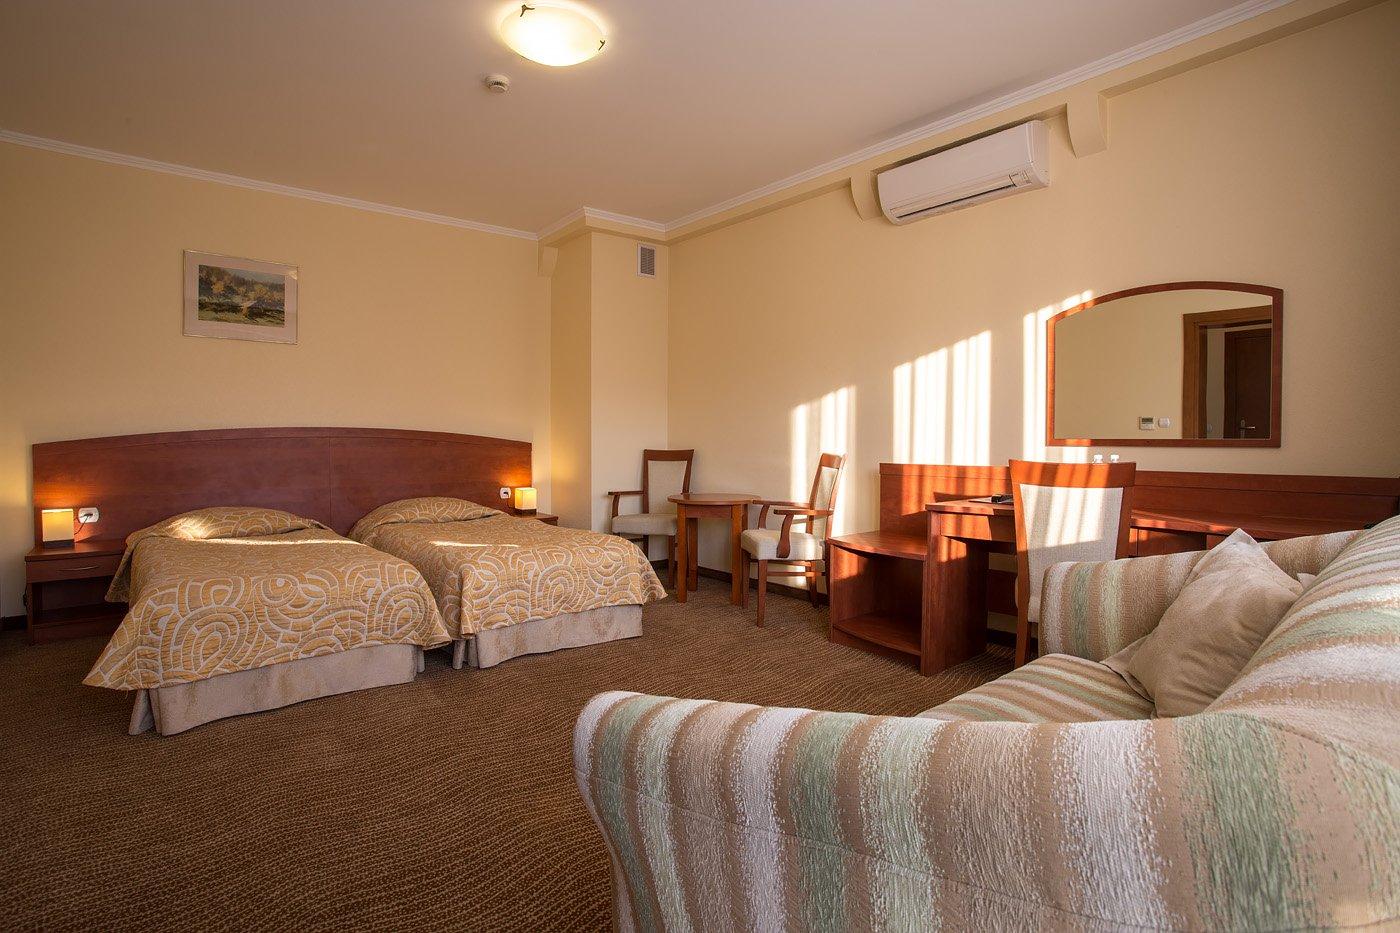 Noclegi Hotel Beata